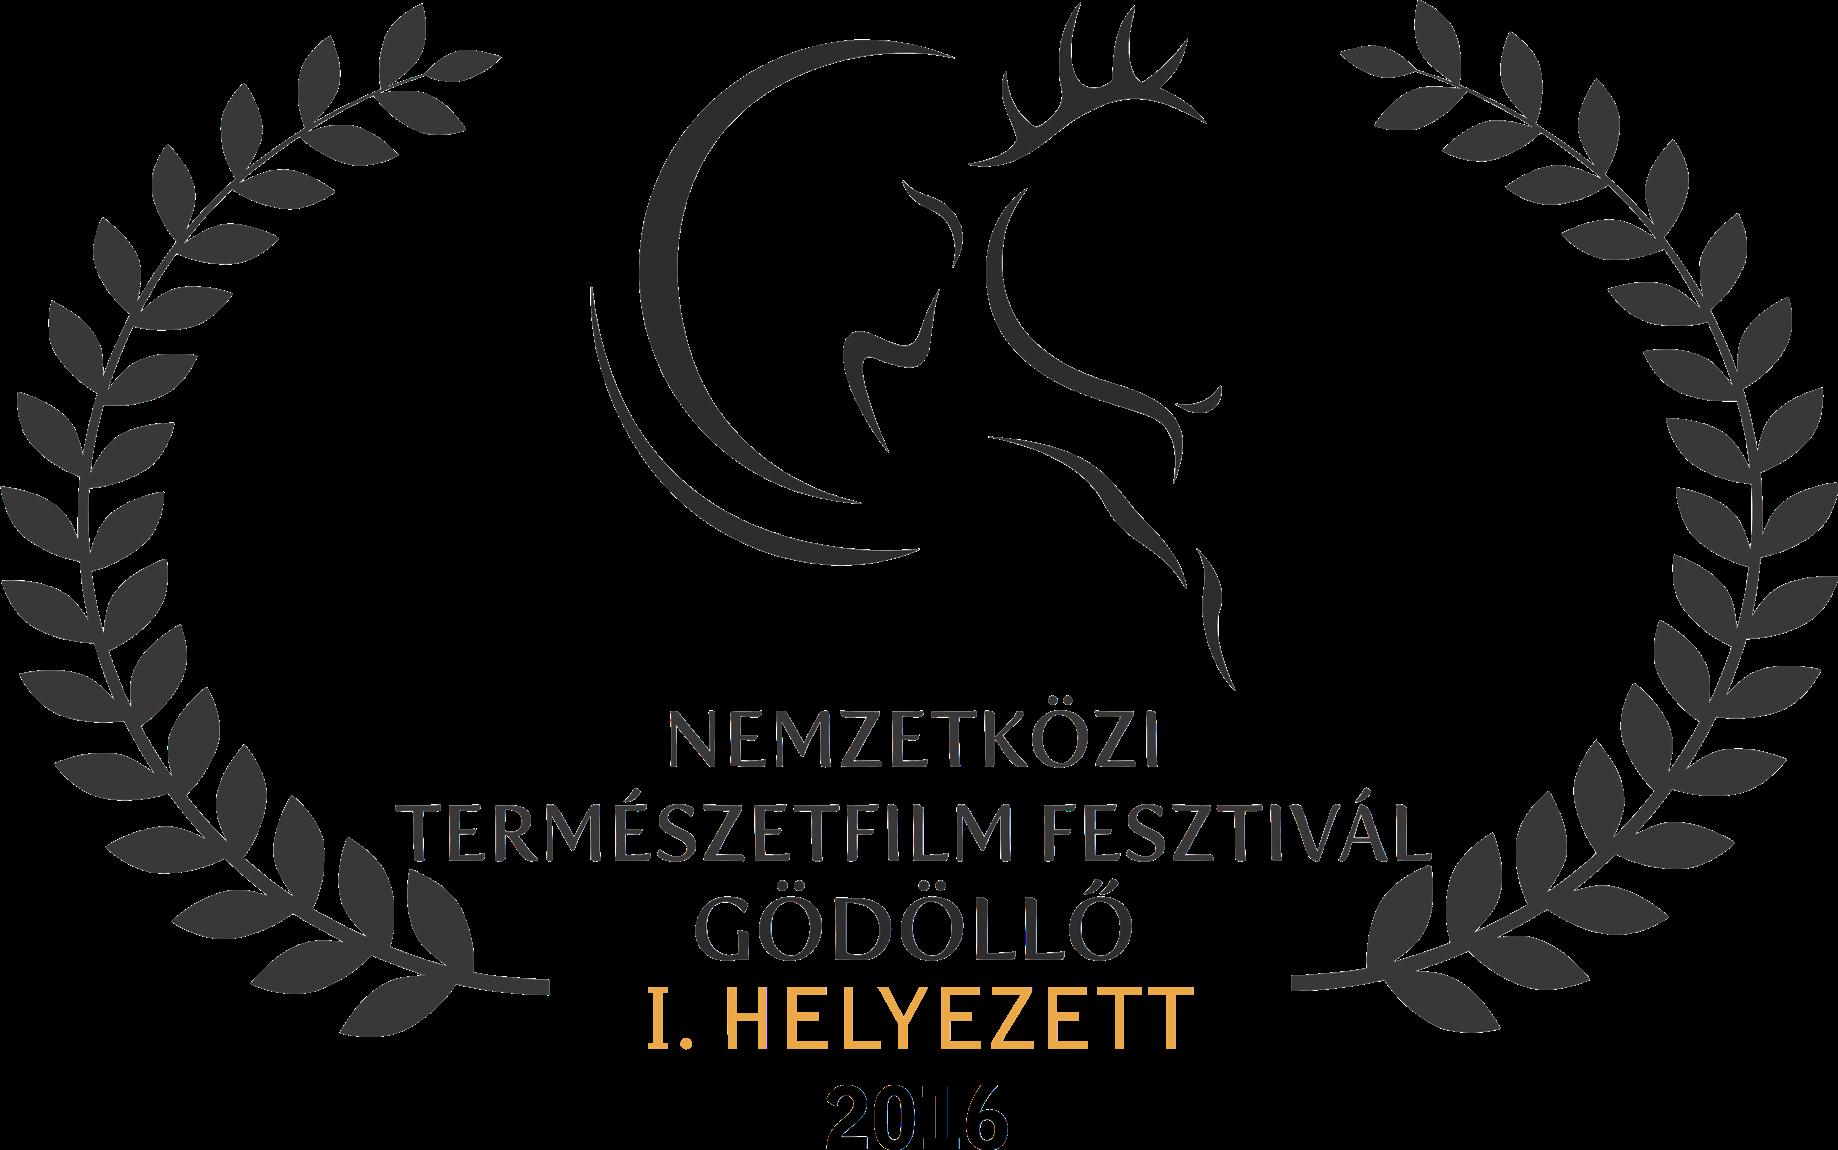 nemzetkozi-termeszetfilm-fesztival-godollo-2016